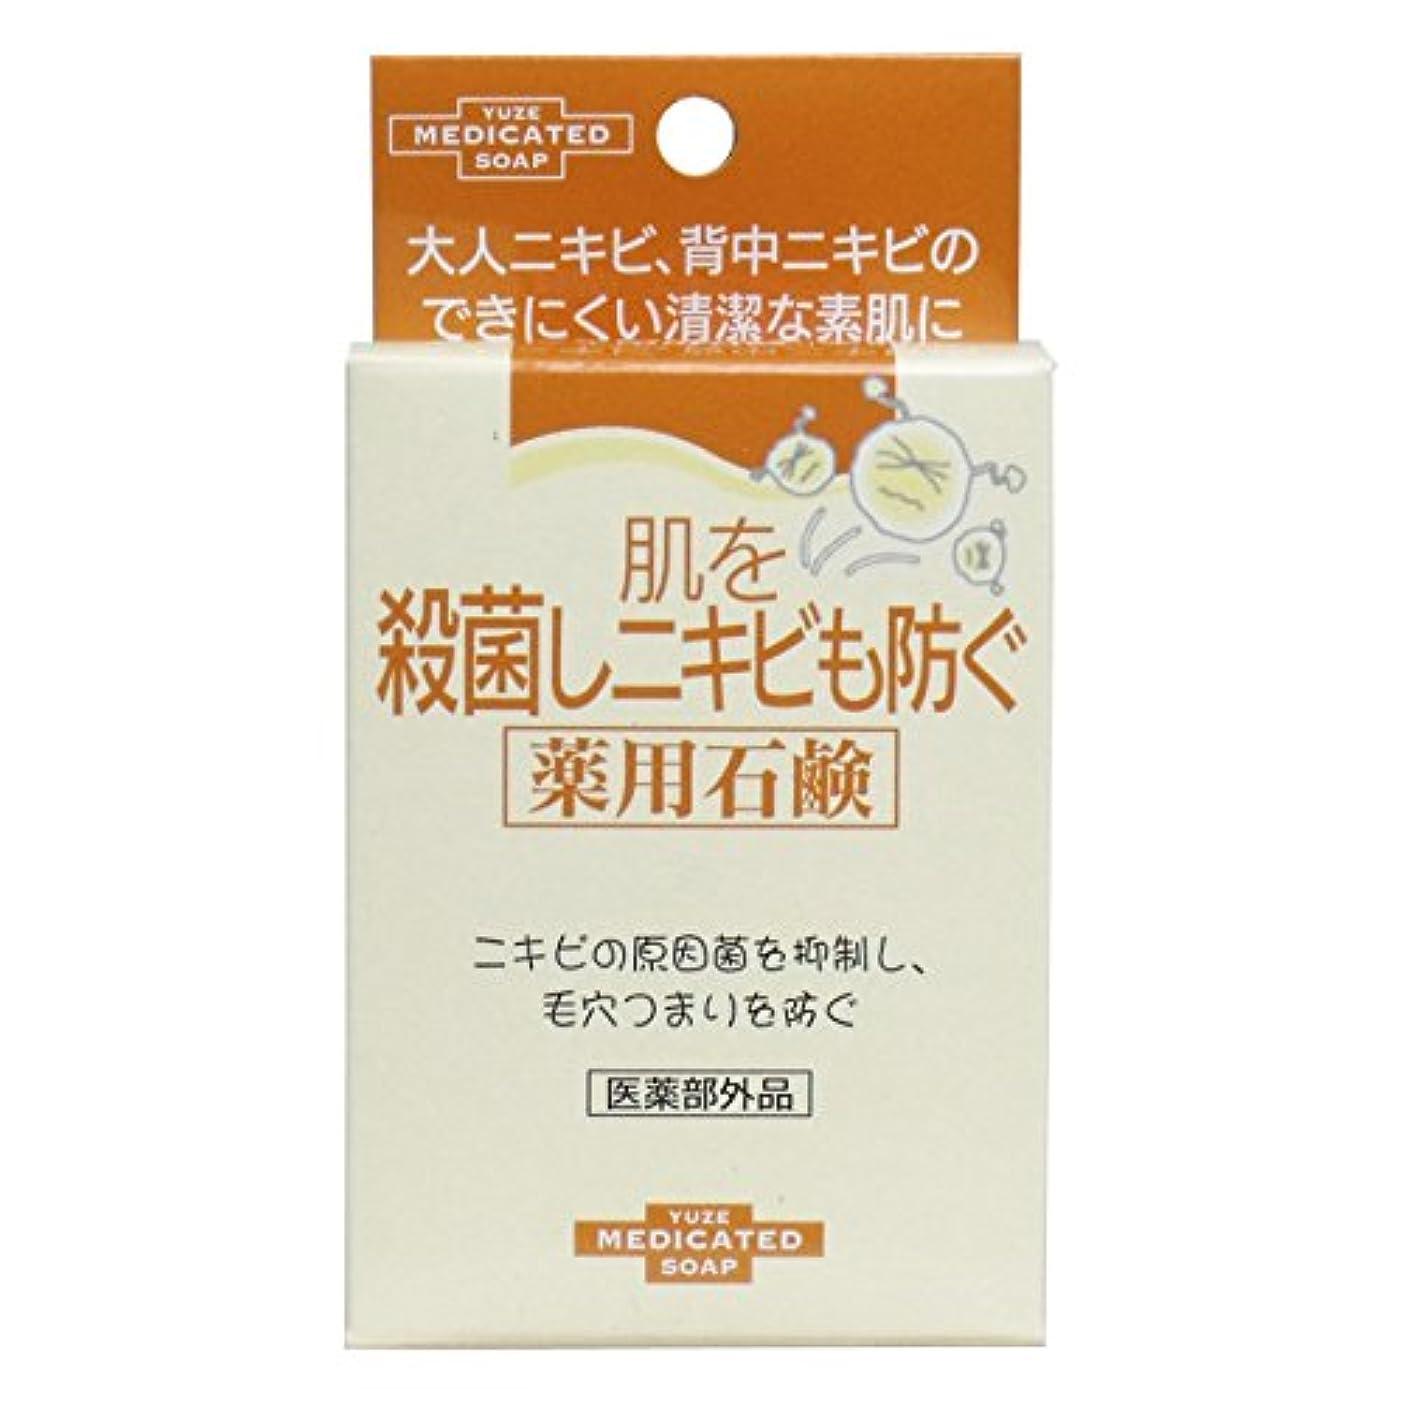 再集計頑張る相関するユゼ 肌を殺菌しニキビも防ぐ薬用石鹸 (110g)